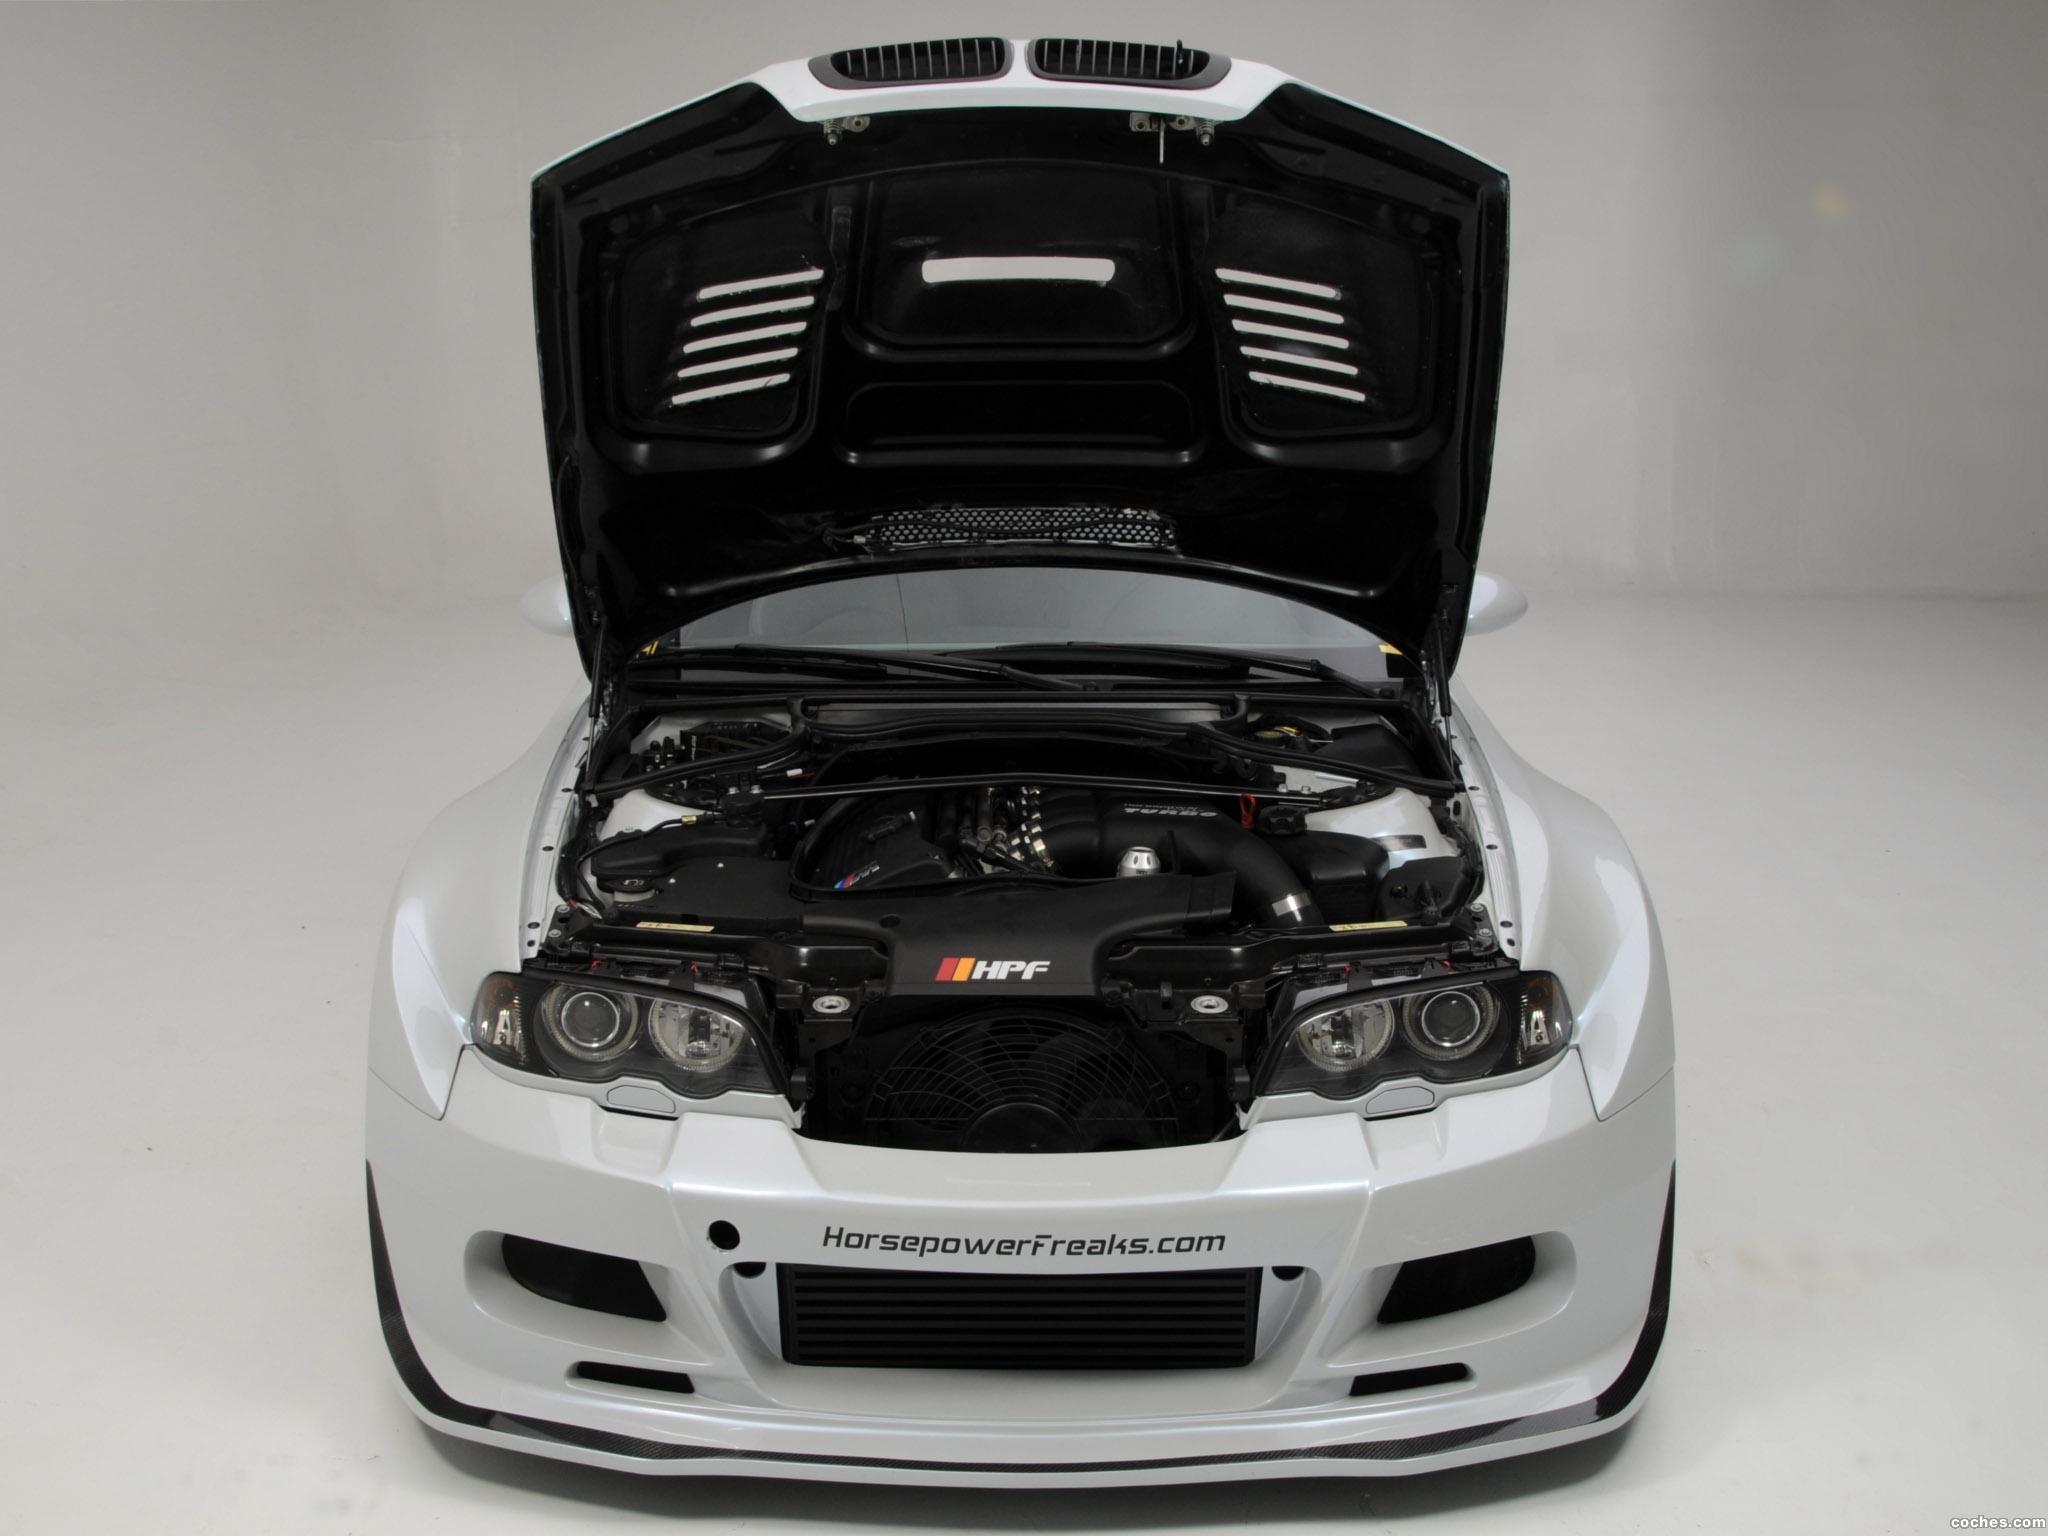 Foto 8 de HPF BMW Serie 3 M3 Turbo Stage 4 E46 2009